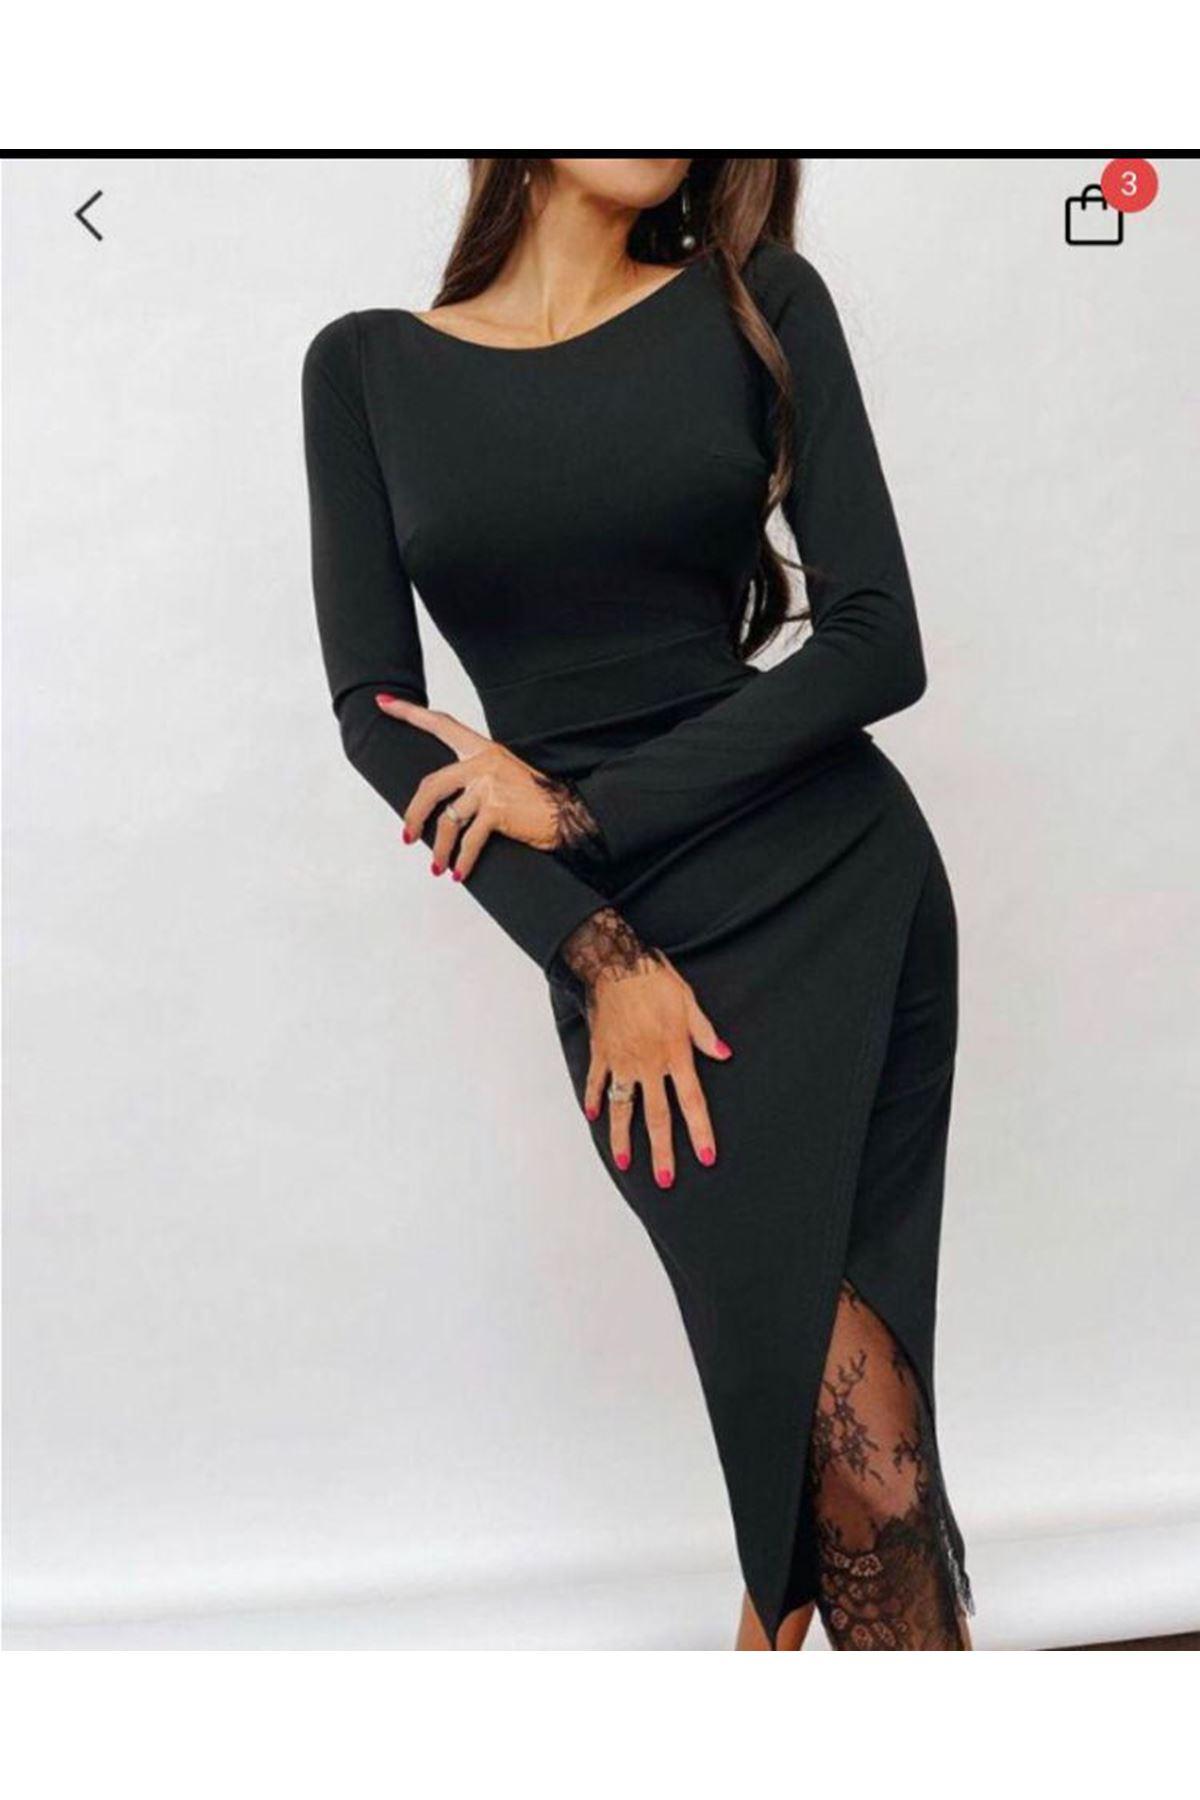 Etek Ucu Dantel Detay Elbise - SİYAH